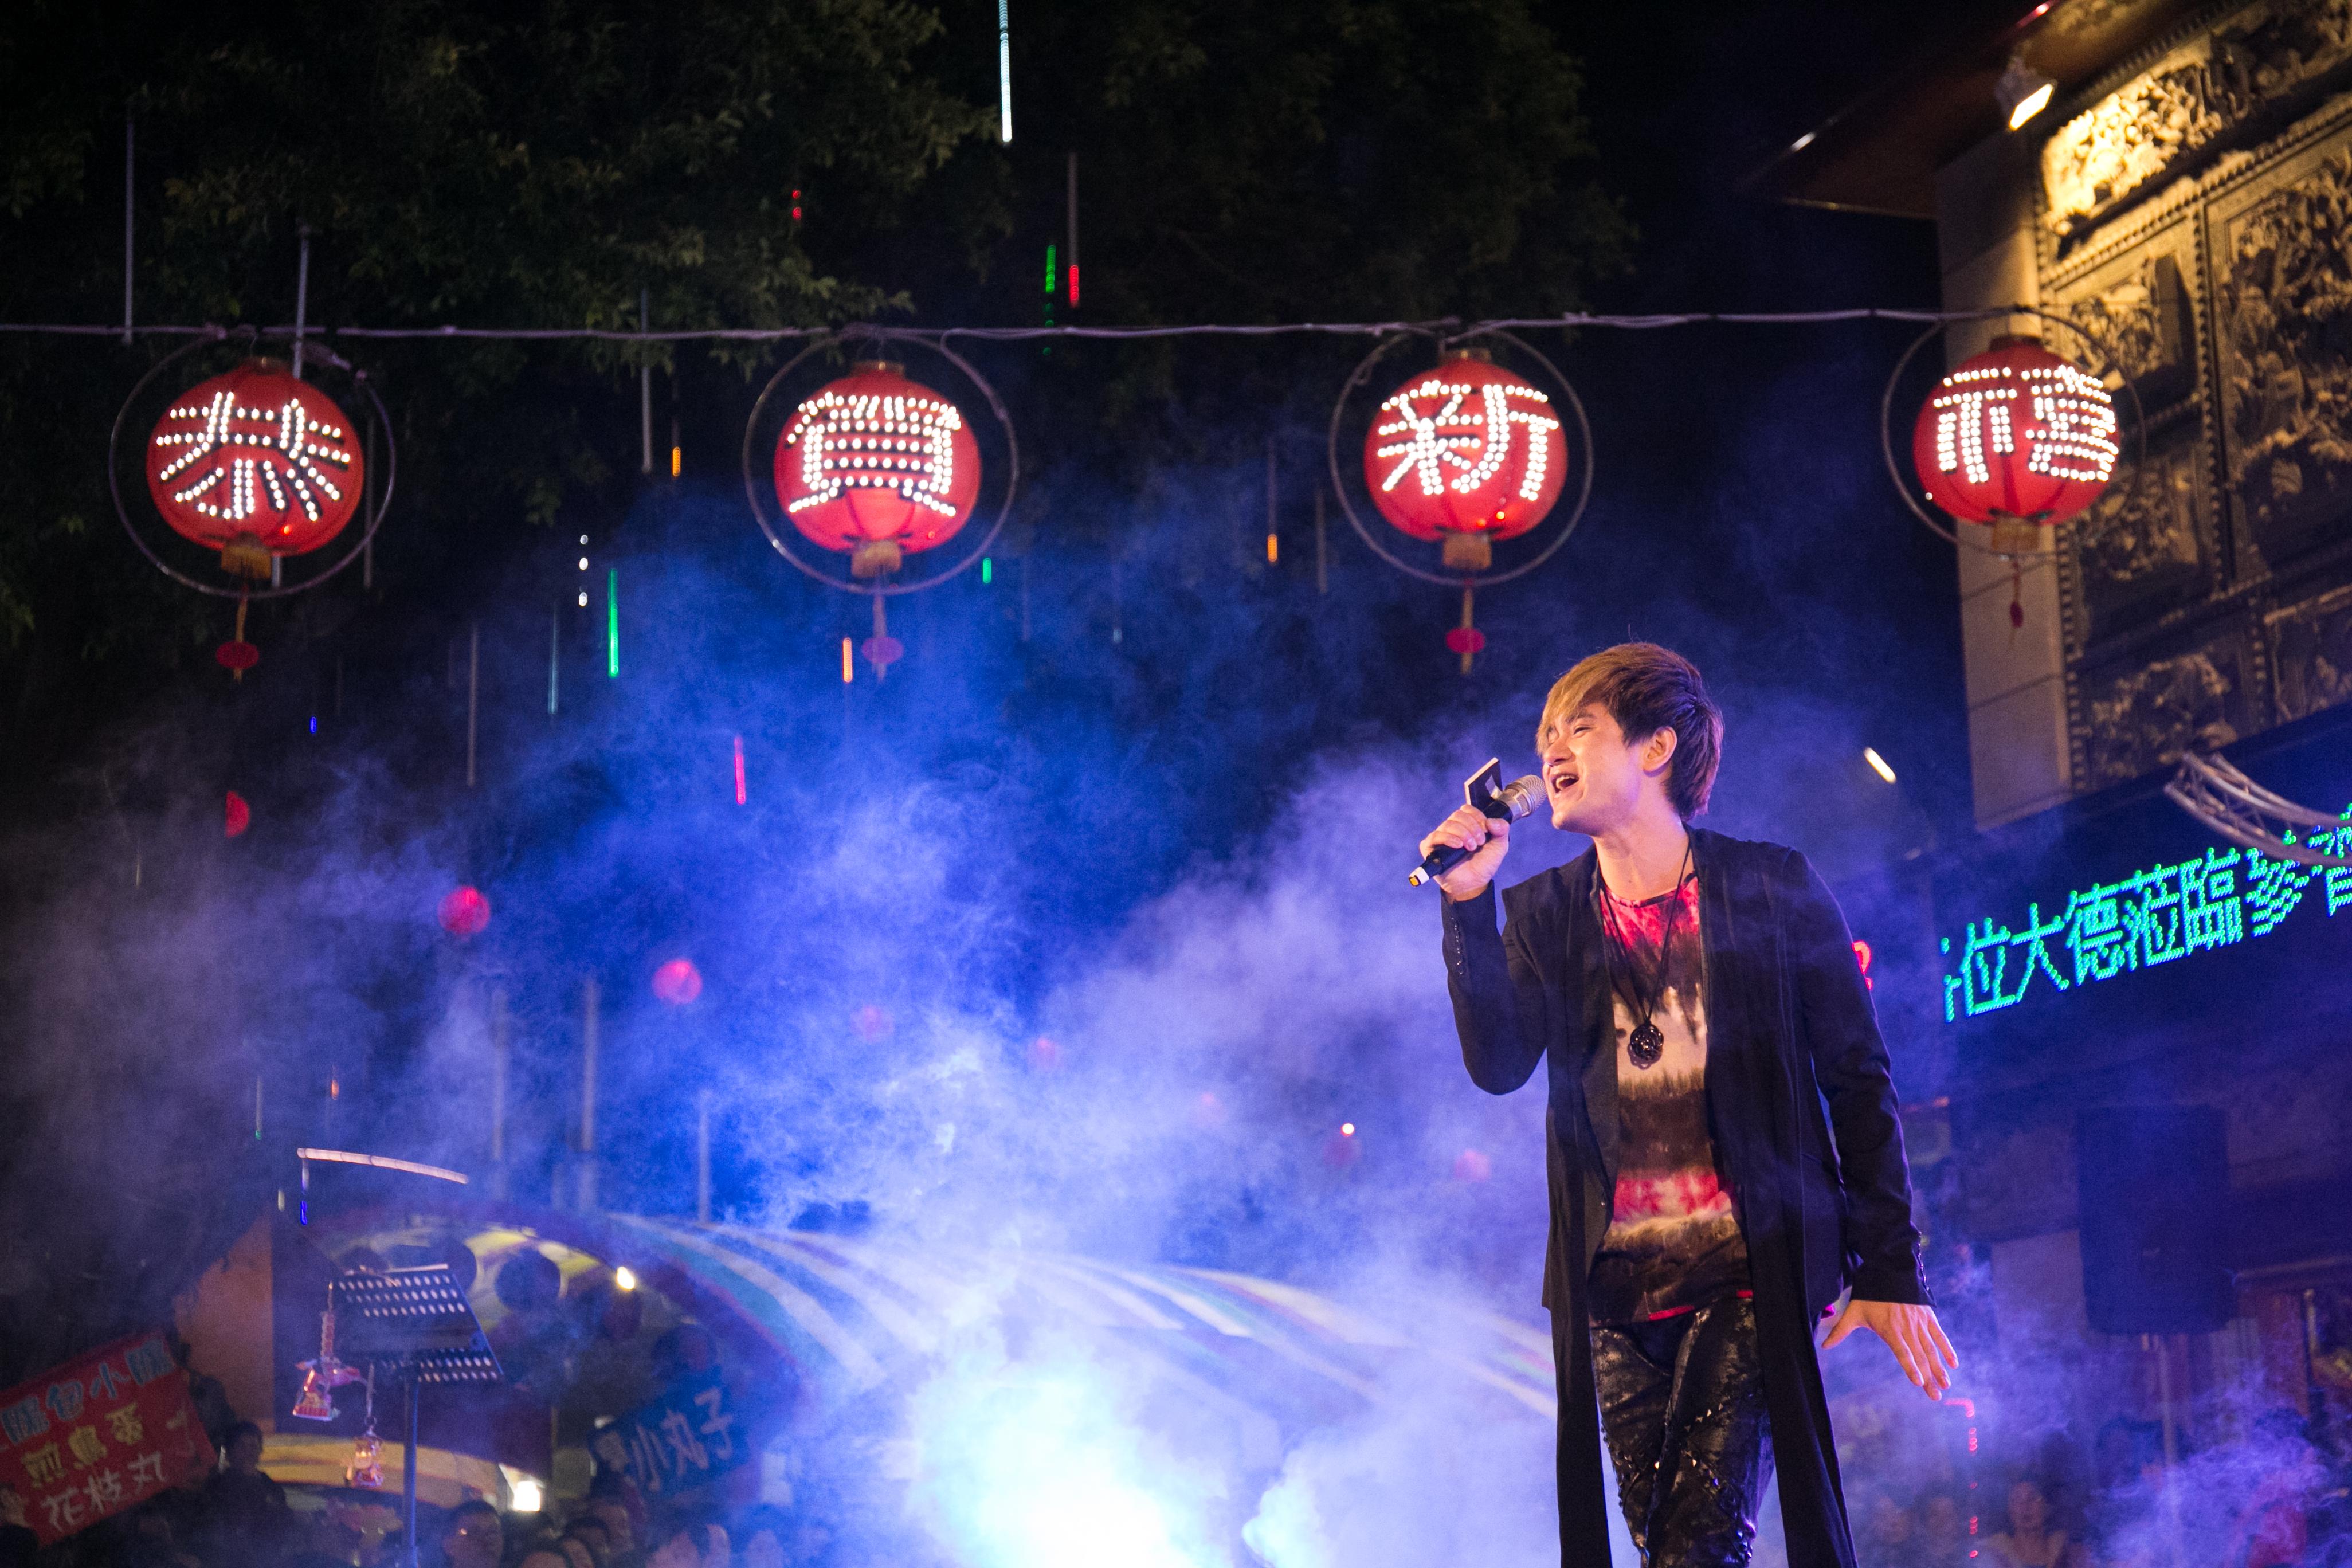 臺中媽祖國際觀光文化節在樂成宮,活動紀錄拍攝者台中婚錄張西米9